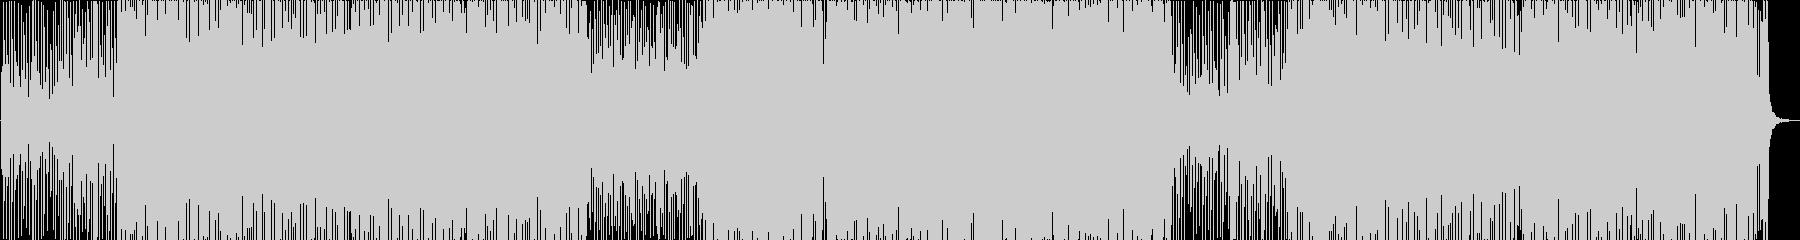 メロディが楽しいトロピカルハウスの未再生の波形